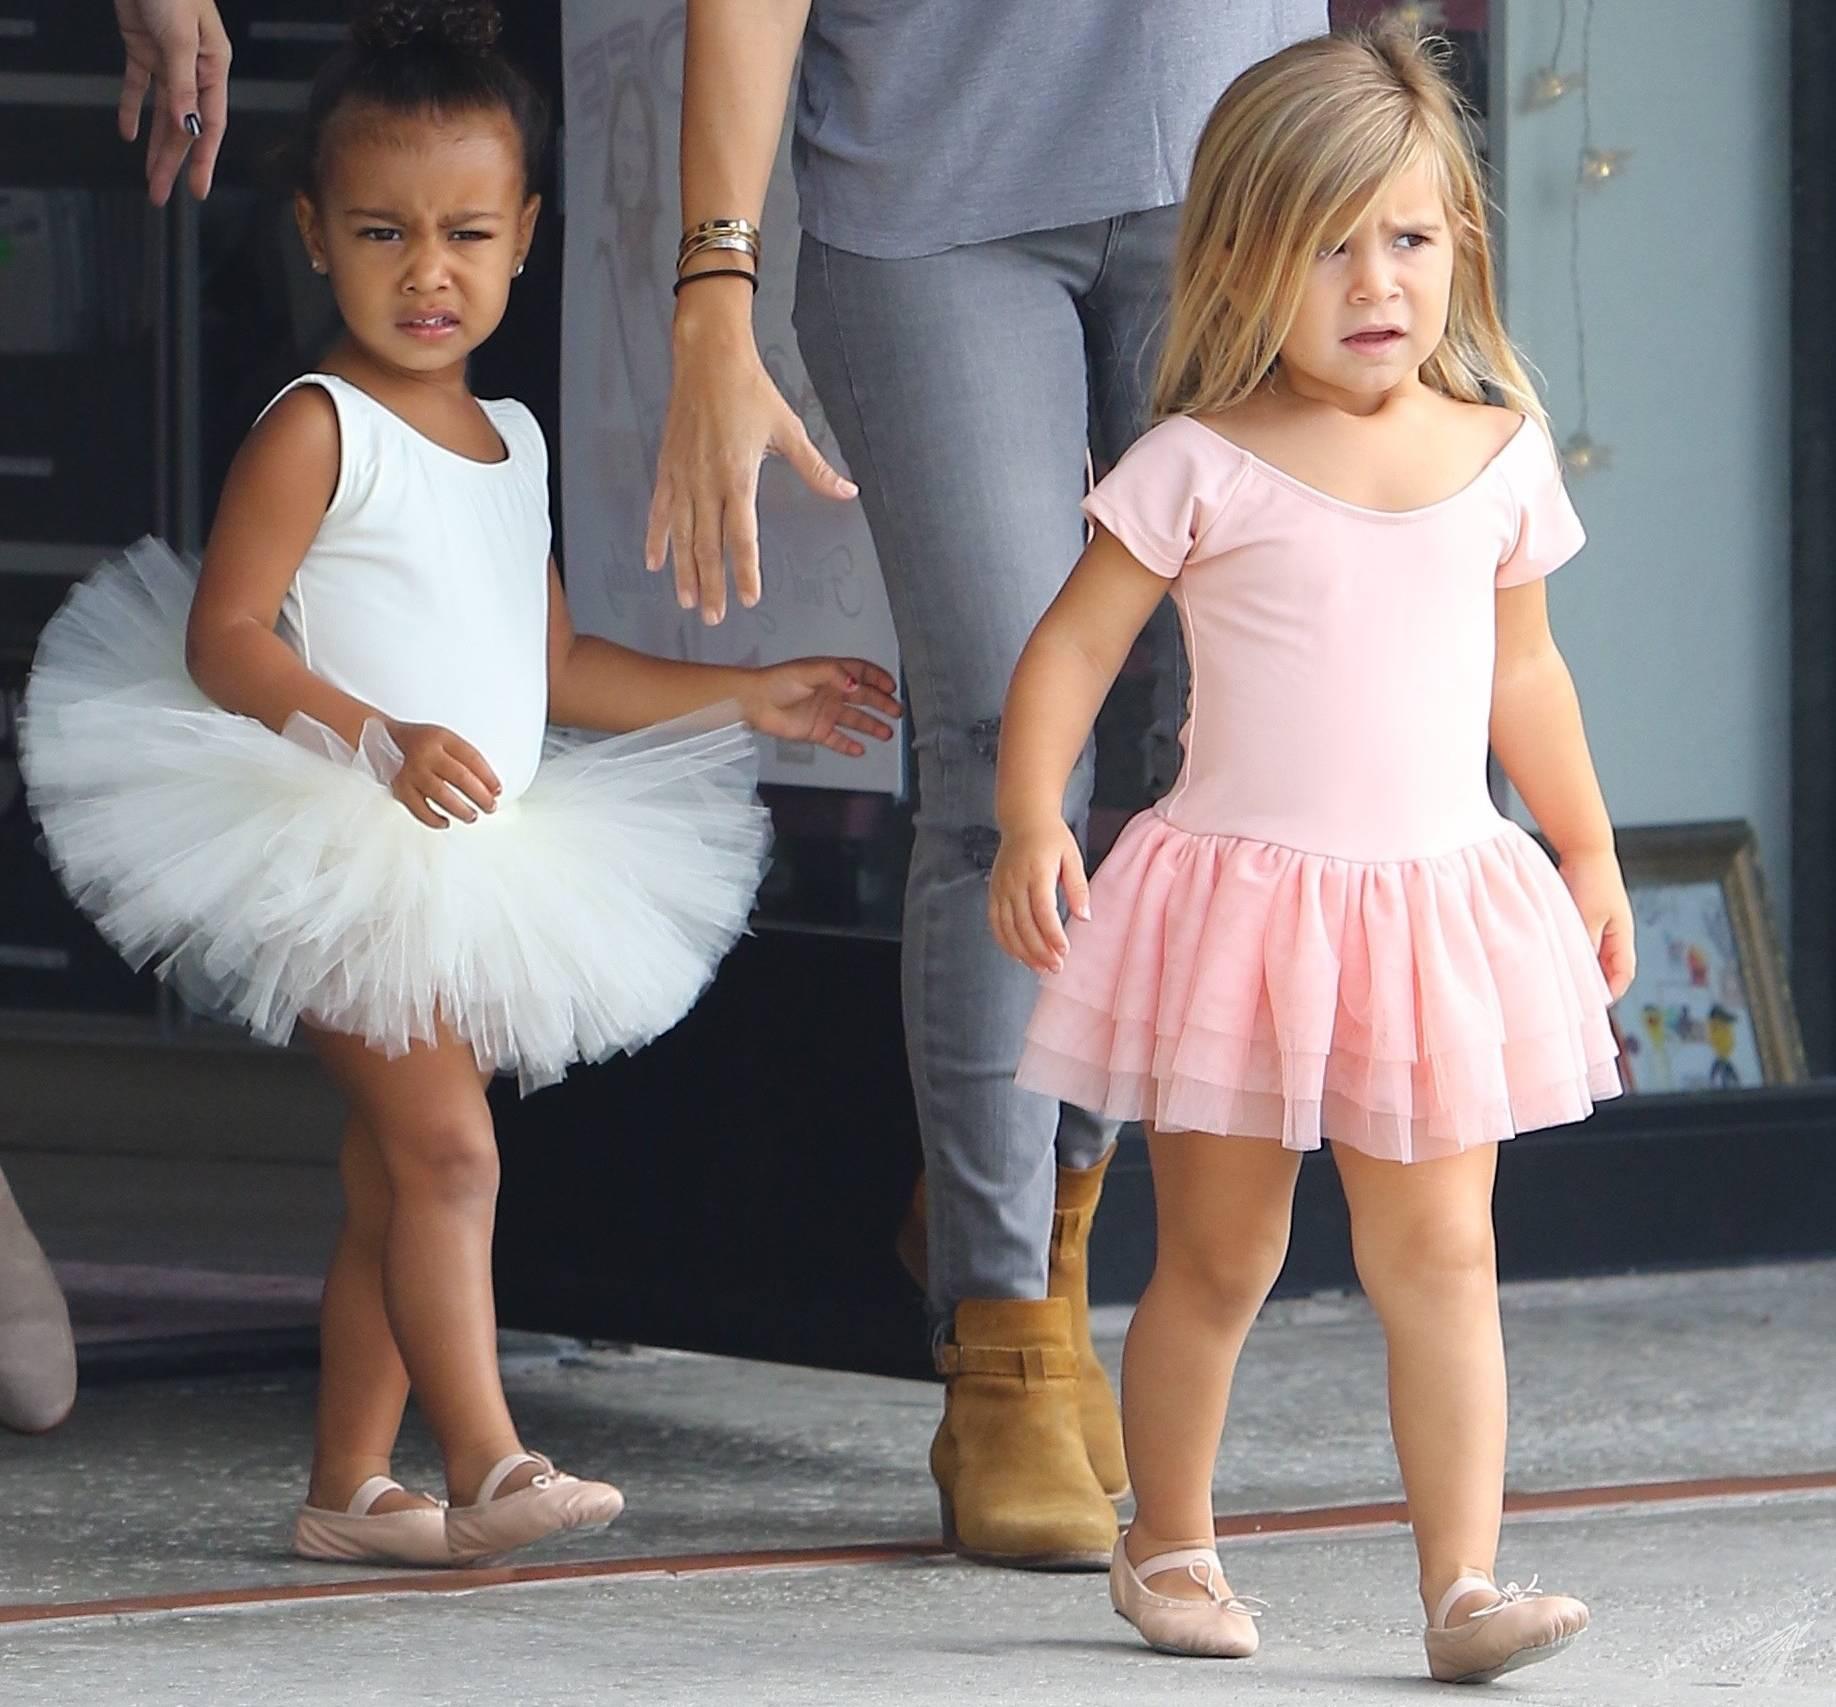 Penelope córka Kourtney Kardashian oraz North West , córka Kim Kardashian